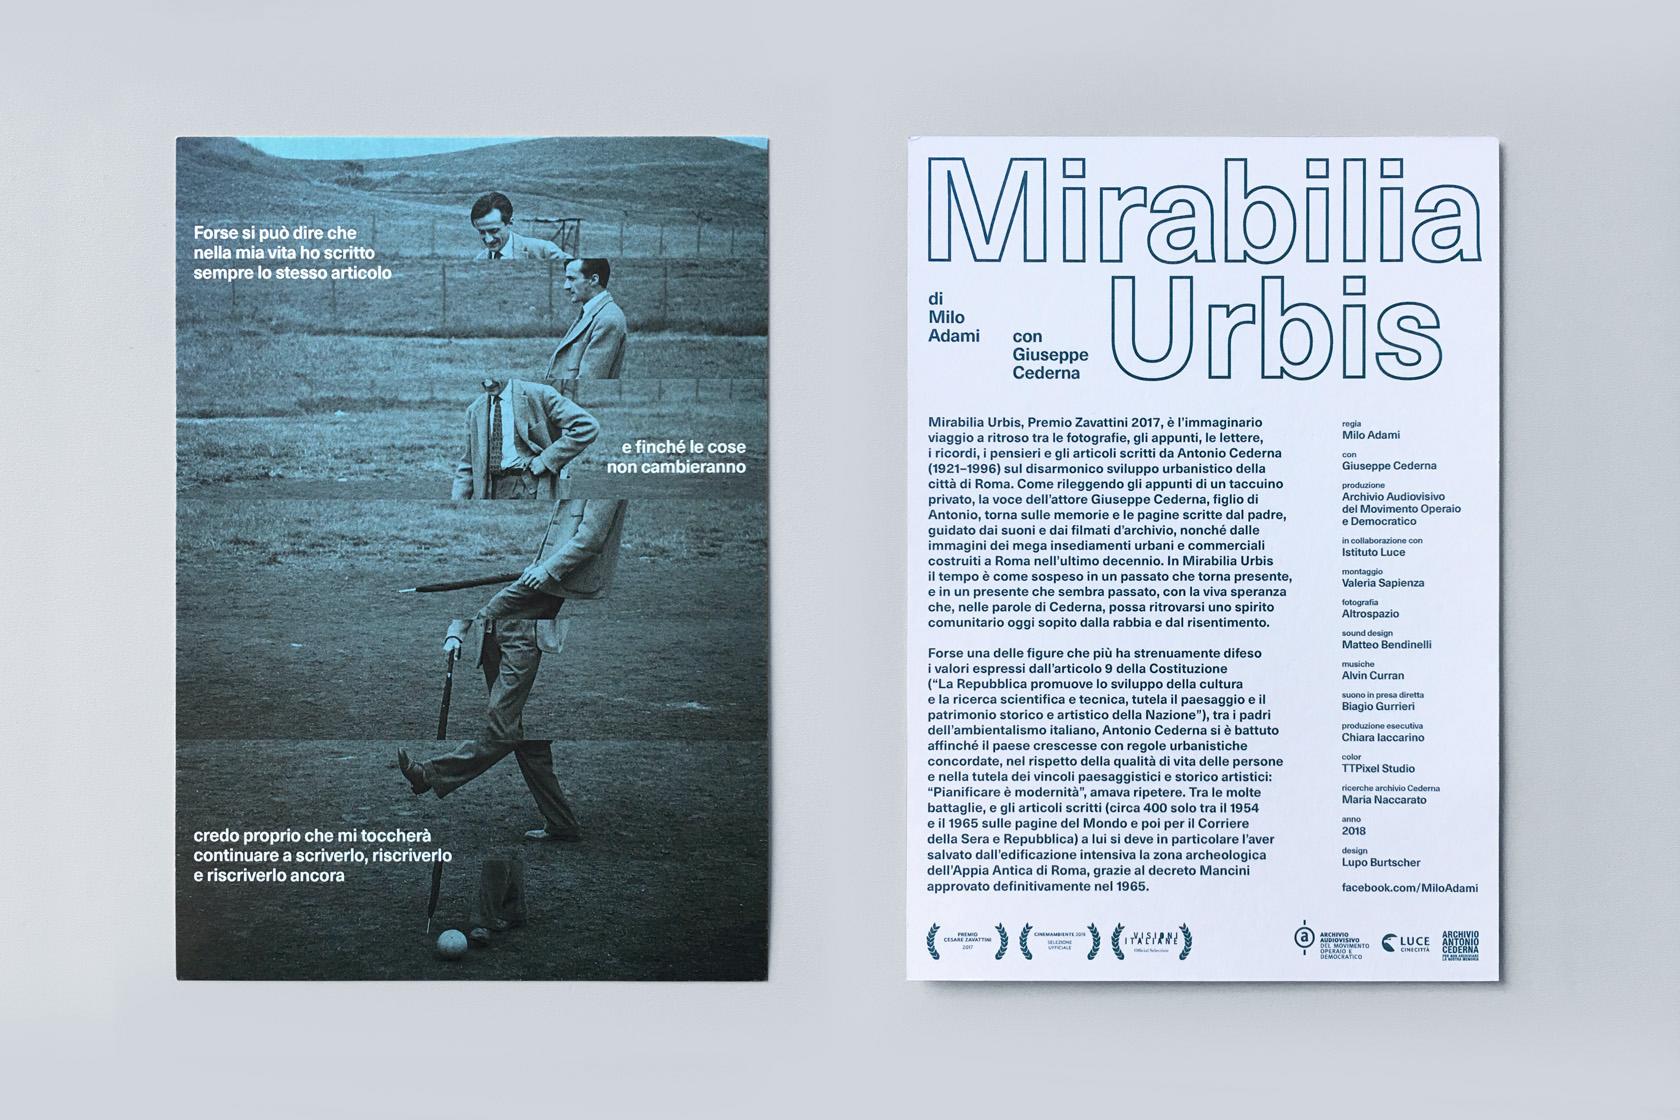 Mirabilia Urbis in Turin vorgestellt